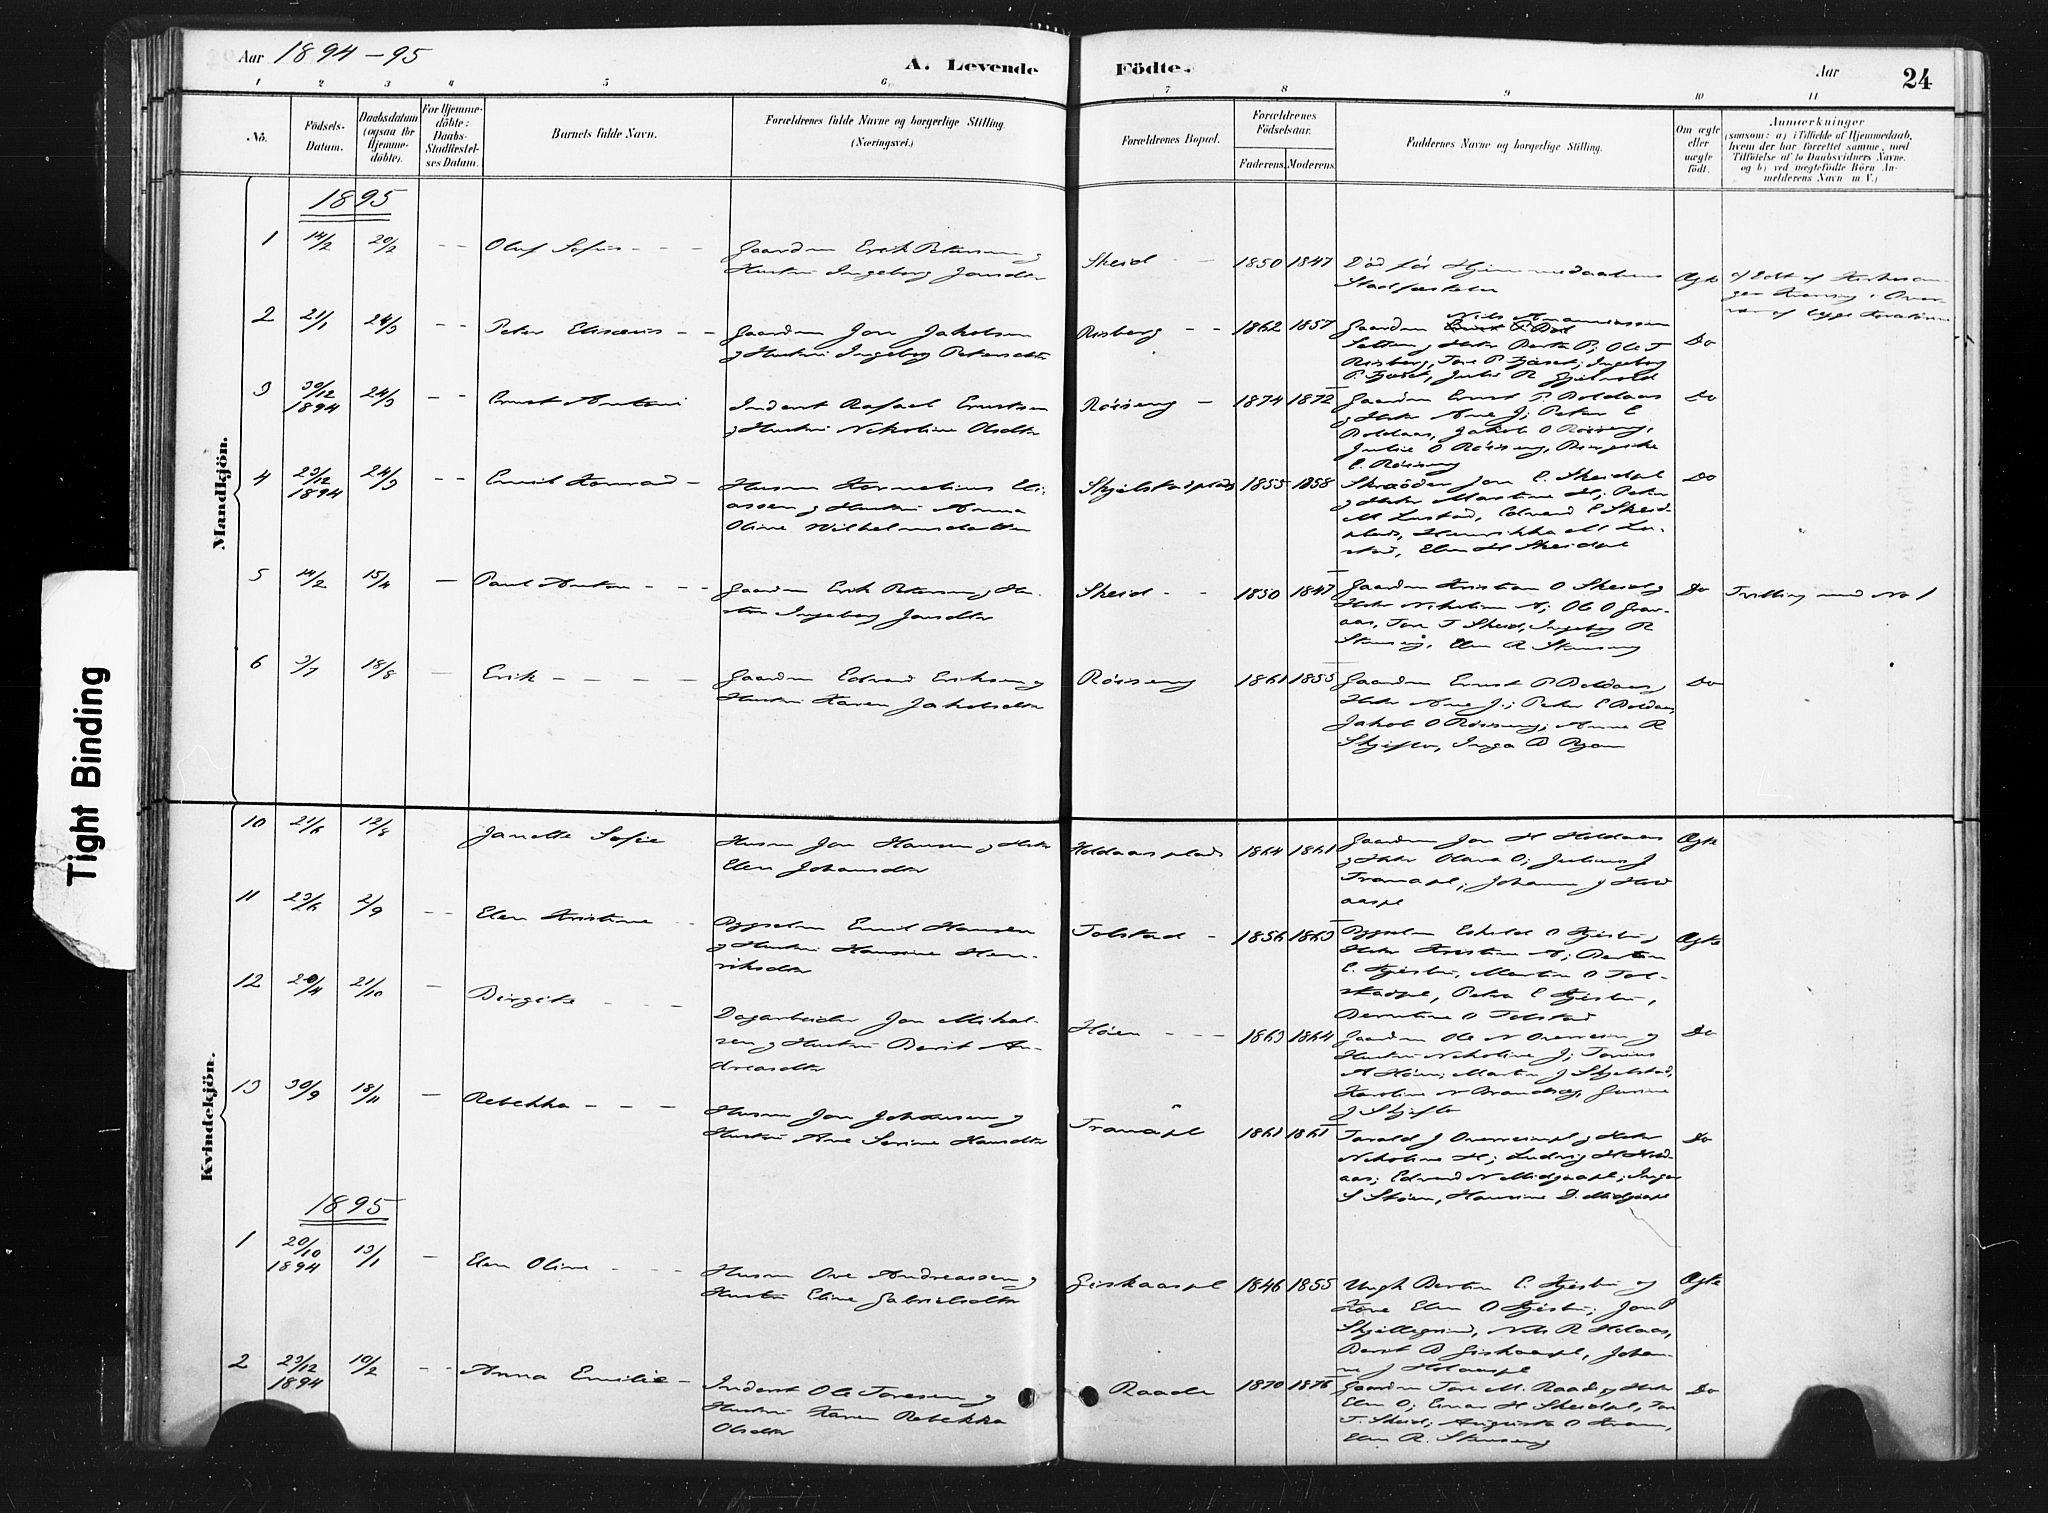 SAT, Ministerialprotokoller, klokkerbøker og fødselsregistre - Nord-Trøndelag, 736/L0361: Ministerialbok nr. 736A01, 1884-1906, s. 24